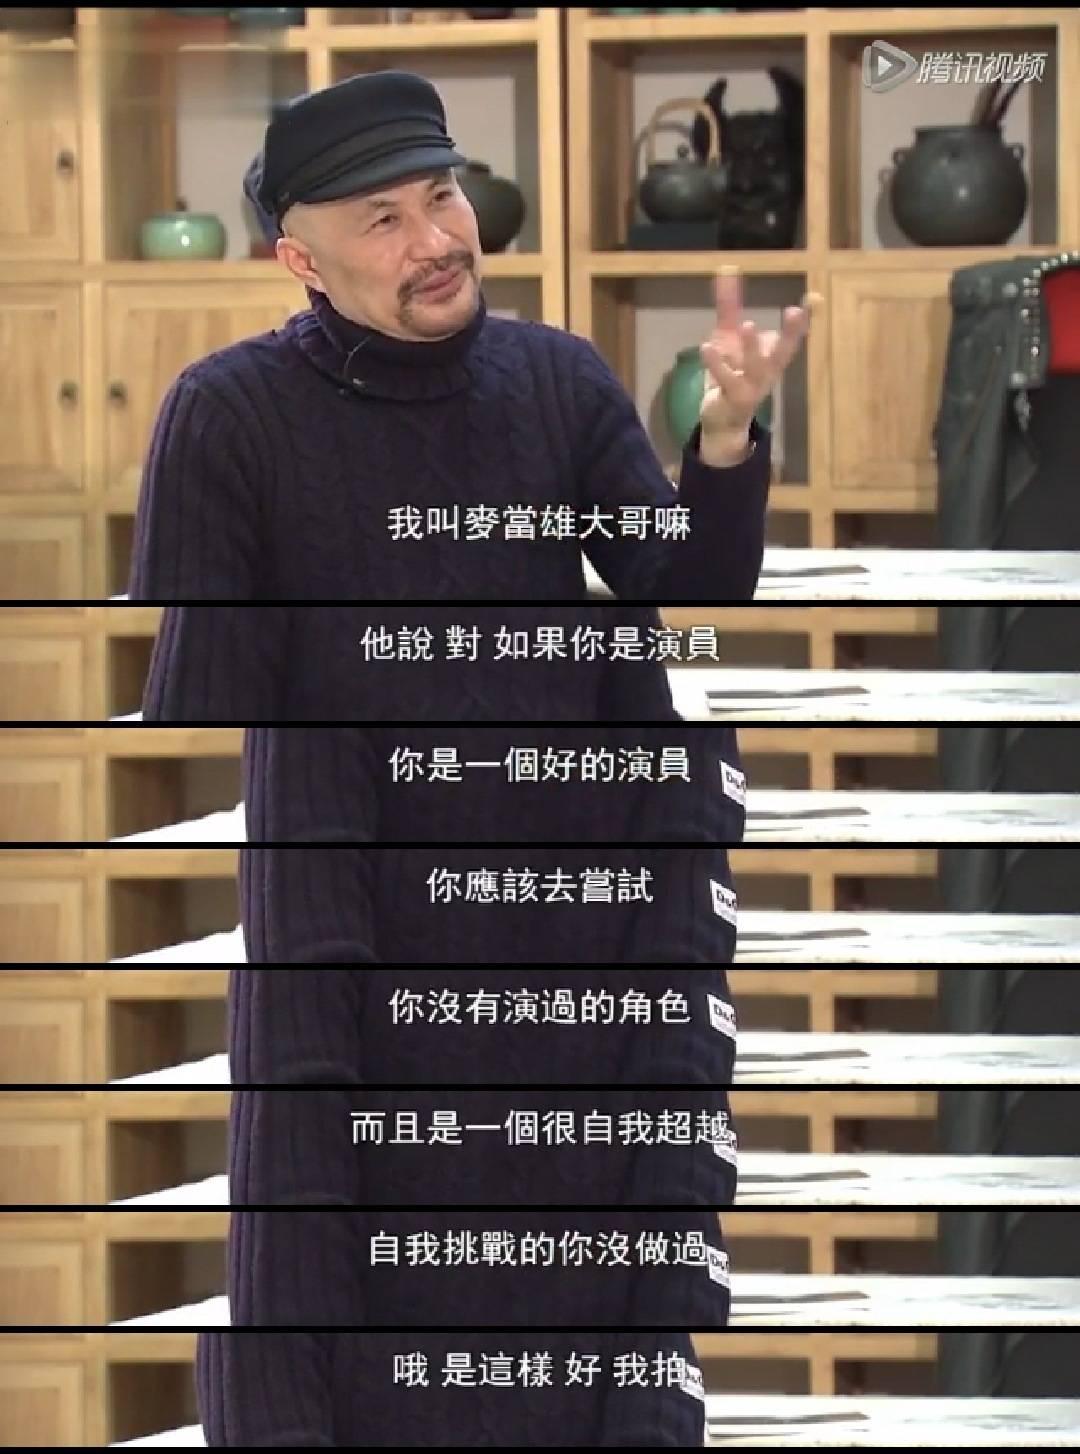 雷神哥和徐锦江